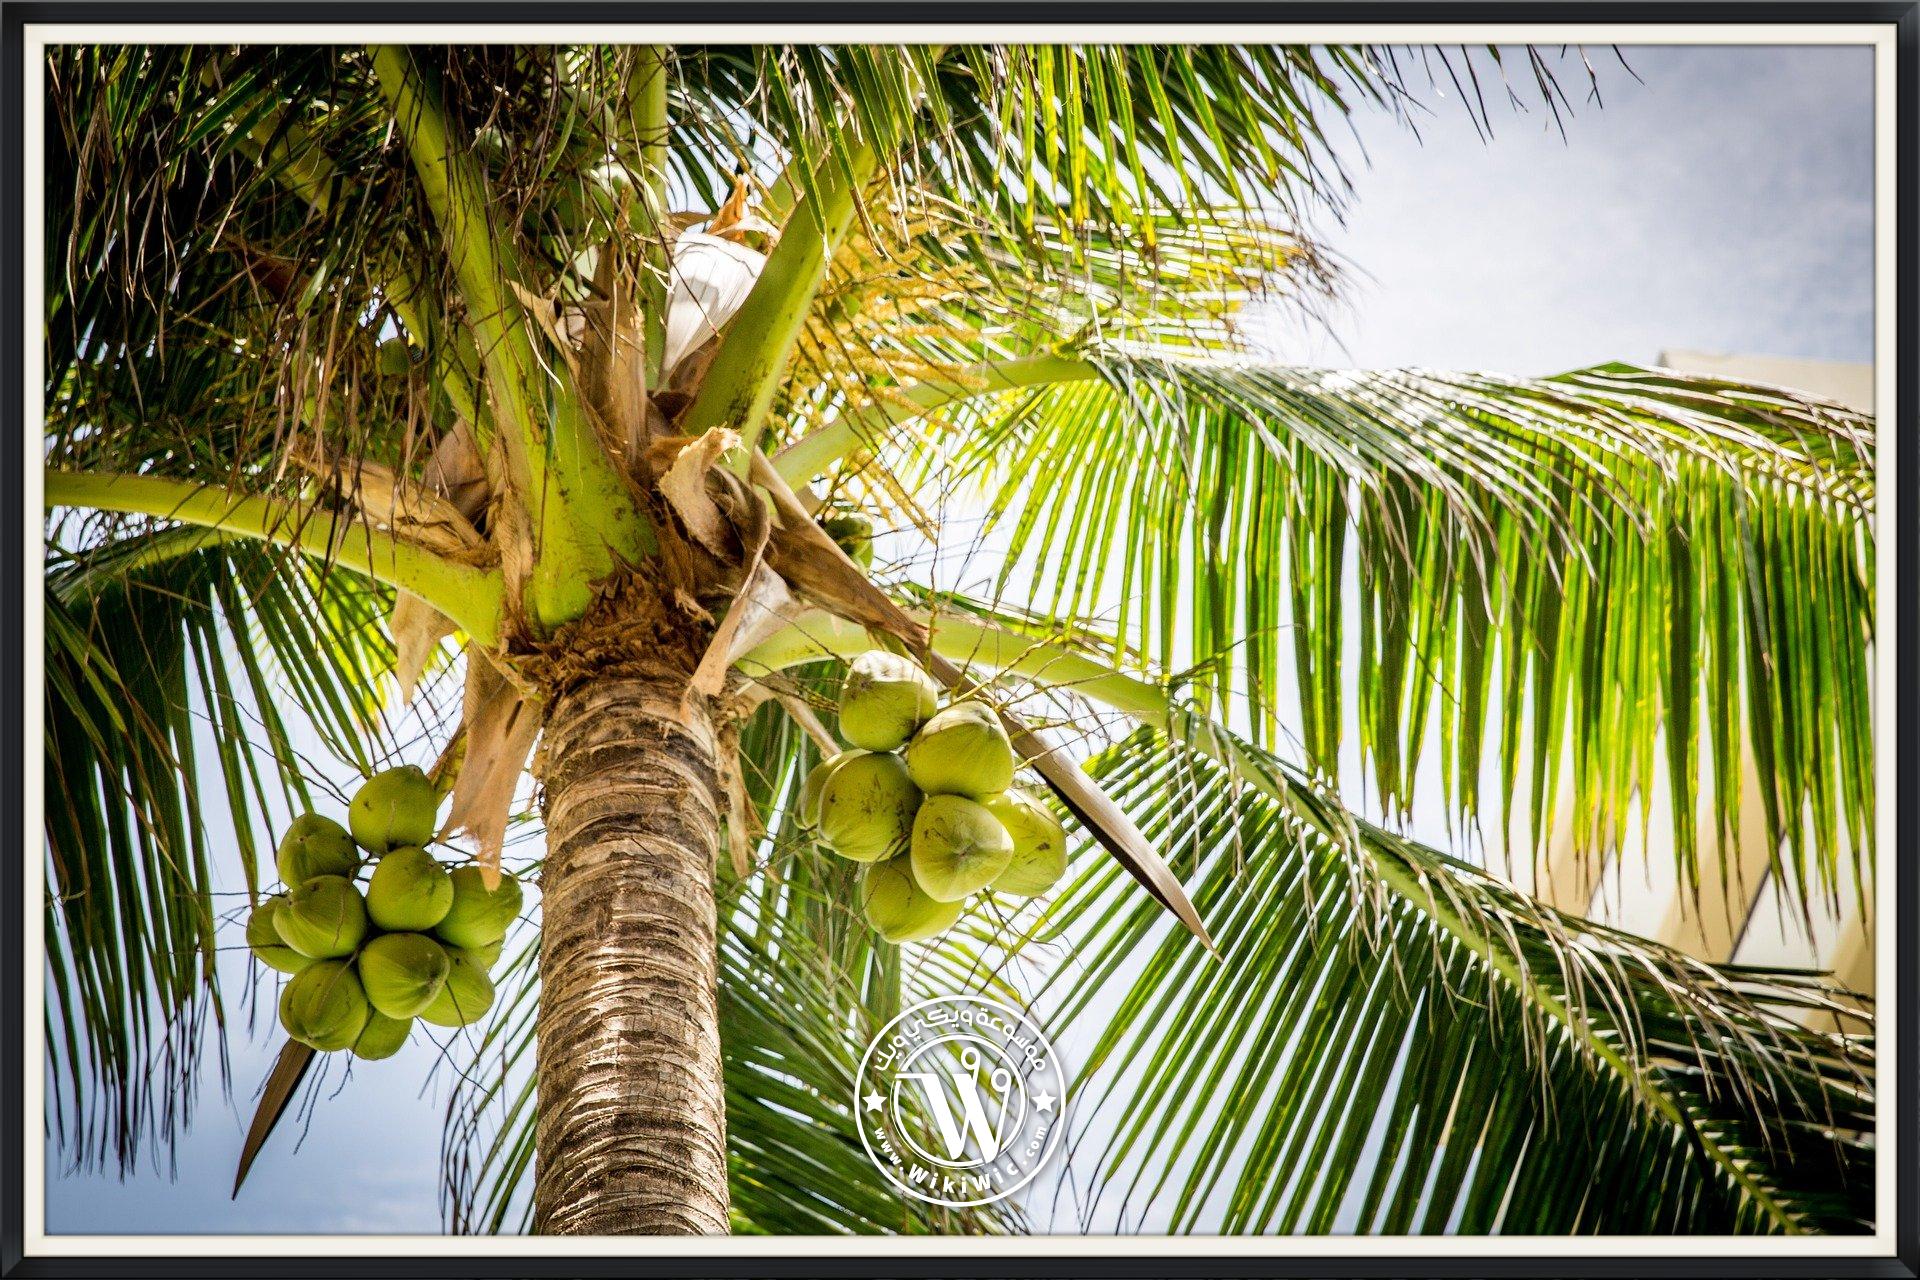 زراعة شجرة جوز الهند سعر شتلة شجرة جوز الهند Wiki Wic ويكي ويك